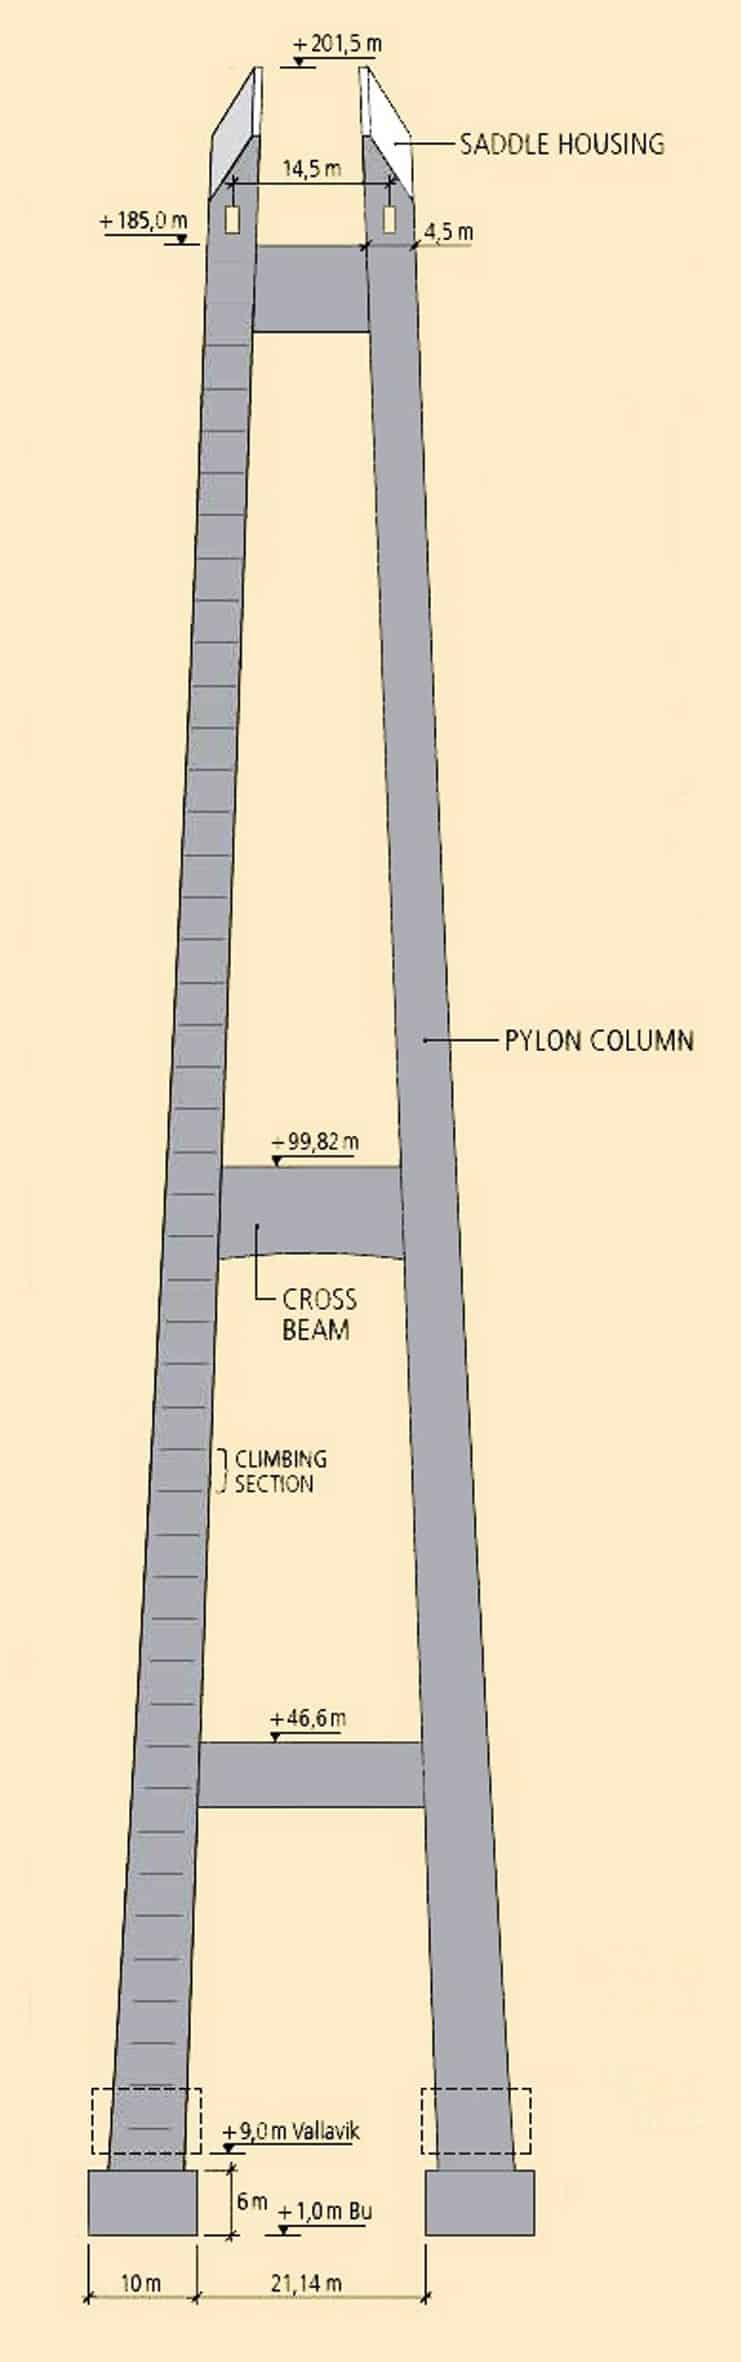 I piloni raggiungono un'altezza di 201,5 m